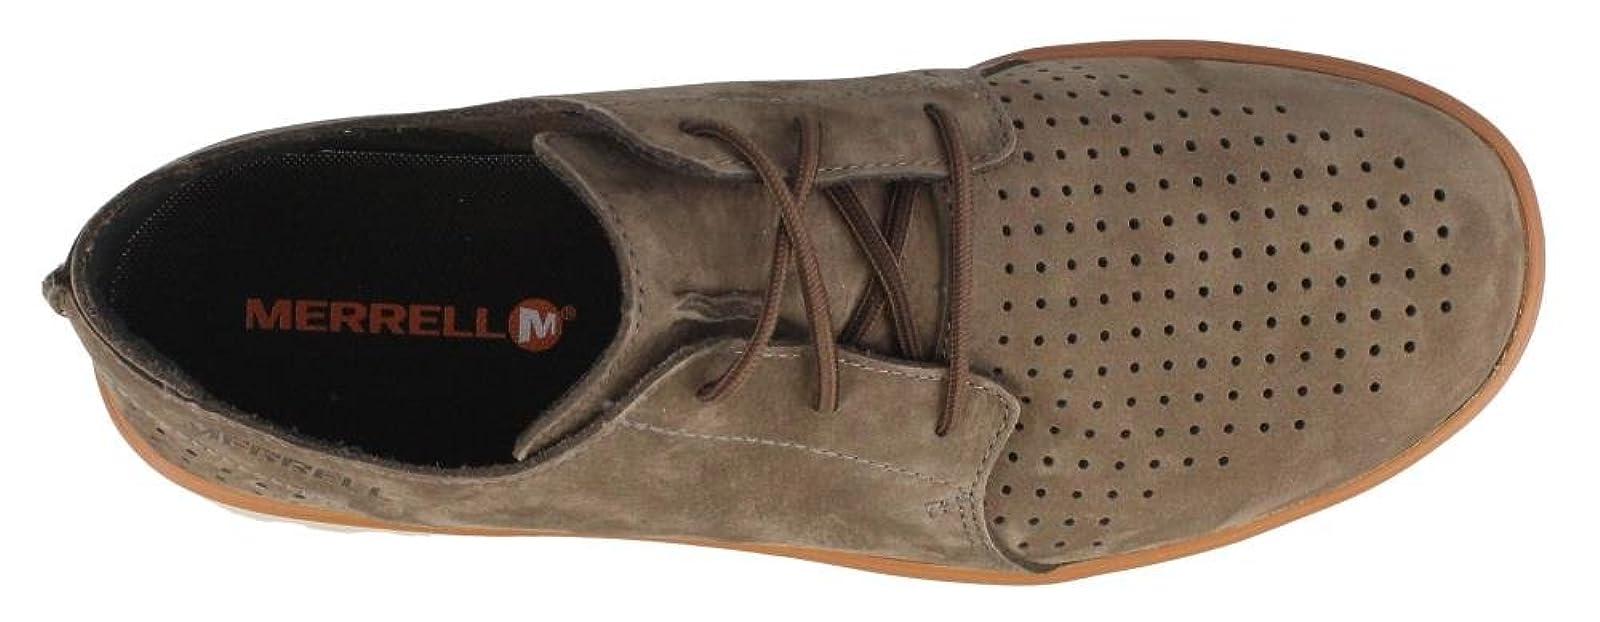 merrell men's downtown lace sneaker